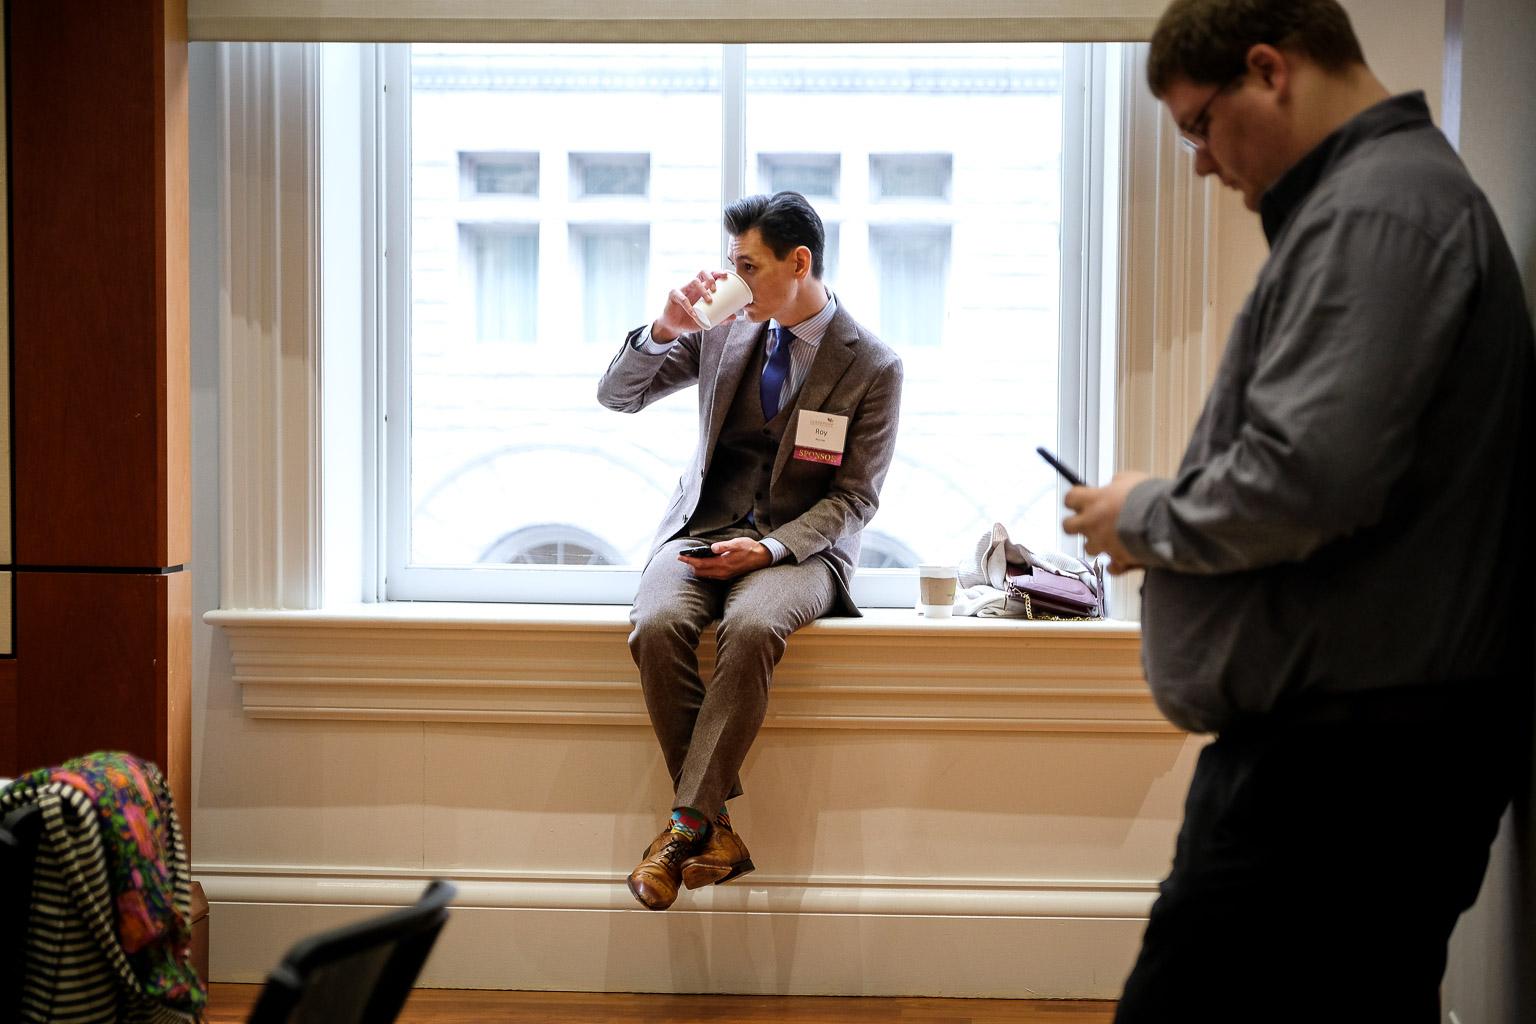 LGW_FGW_10-26-17-099-Lenzy-Ruffin-Event-Photography-Washington-DC.jpg